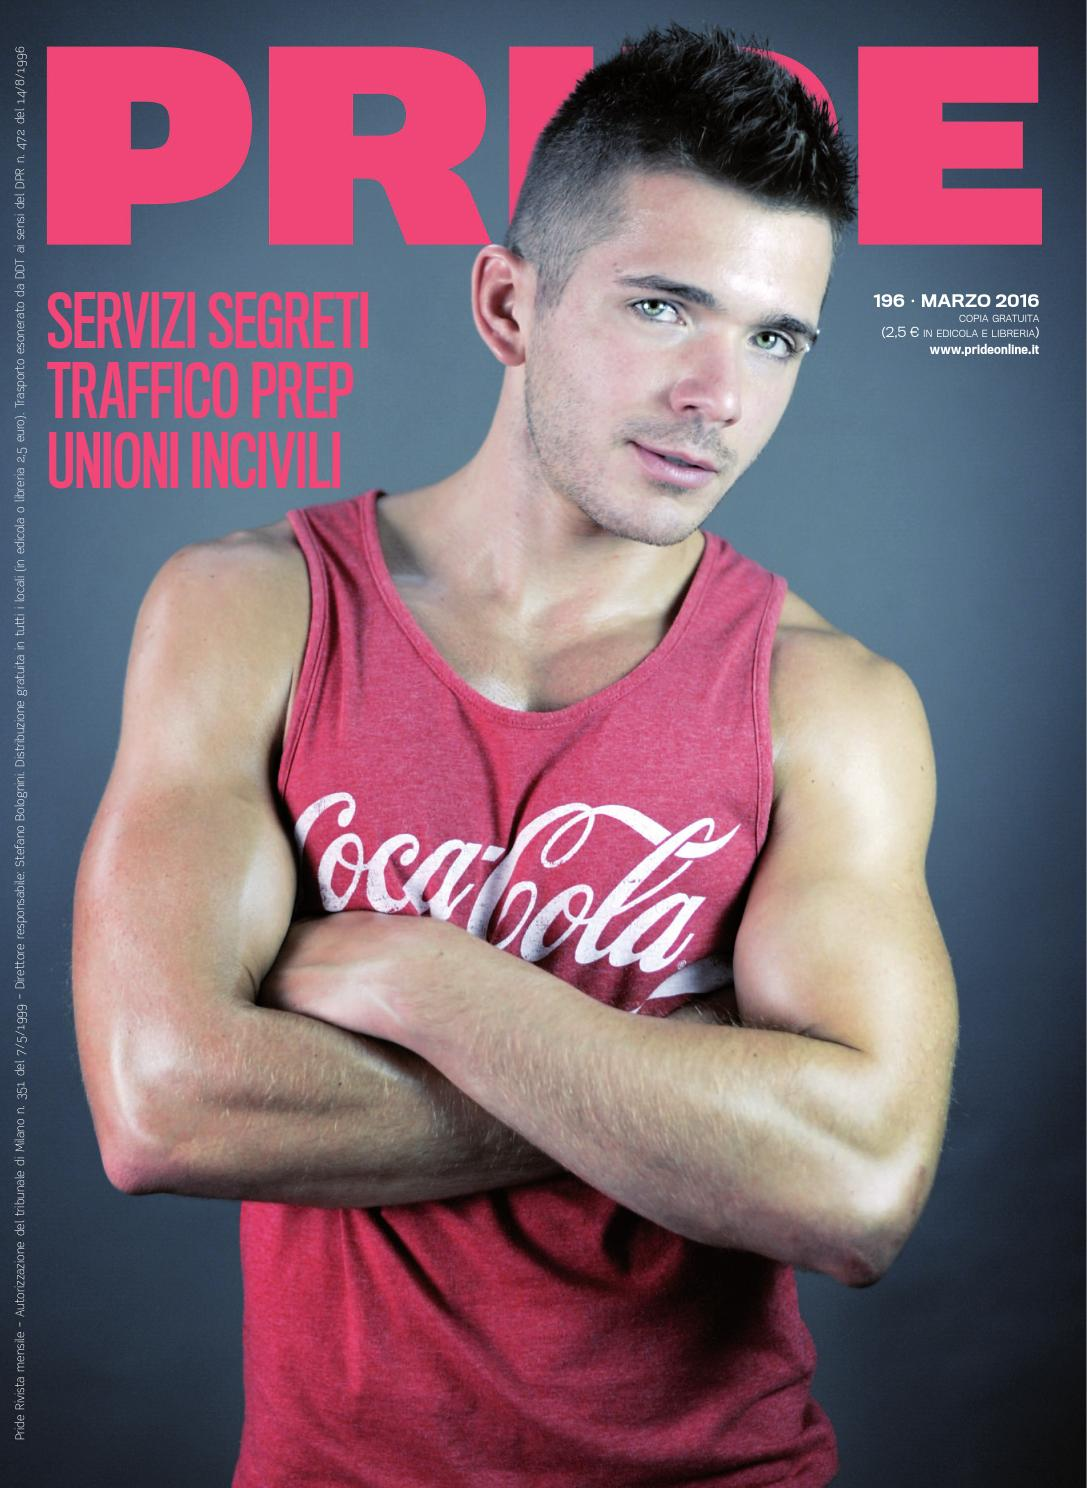 Cerca tra gli annunci di trans a Castelfidardo.